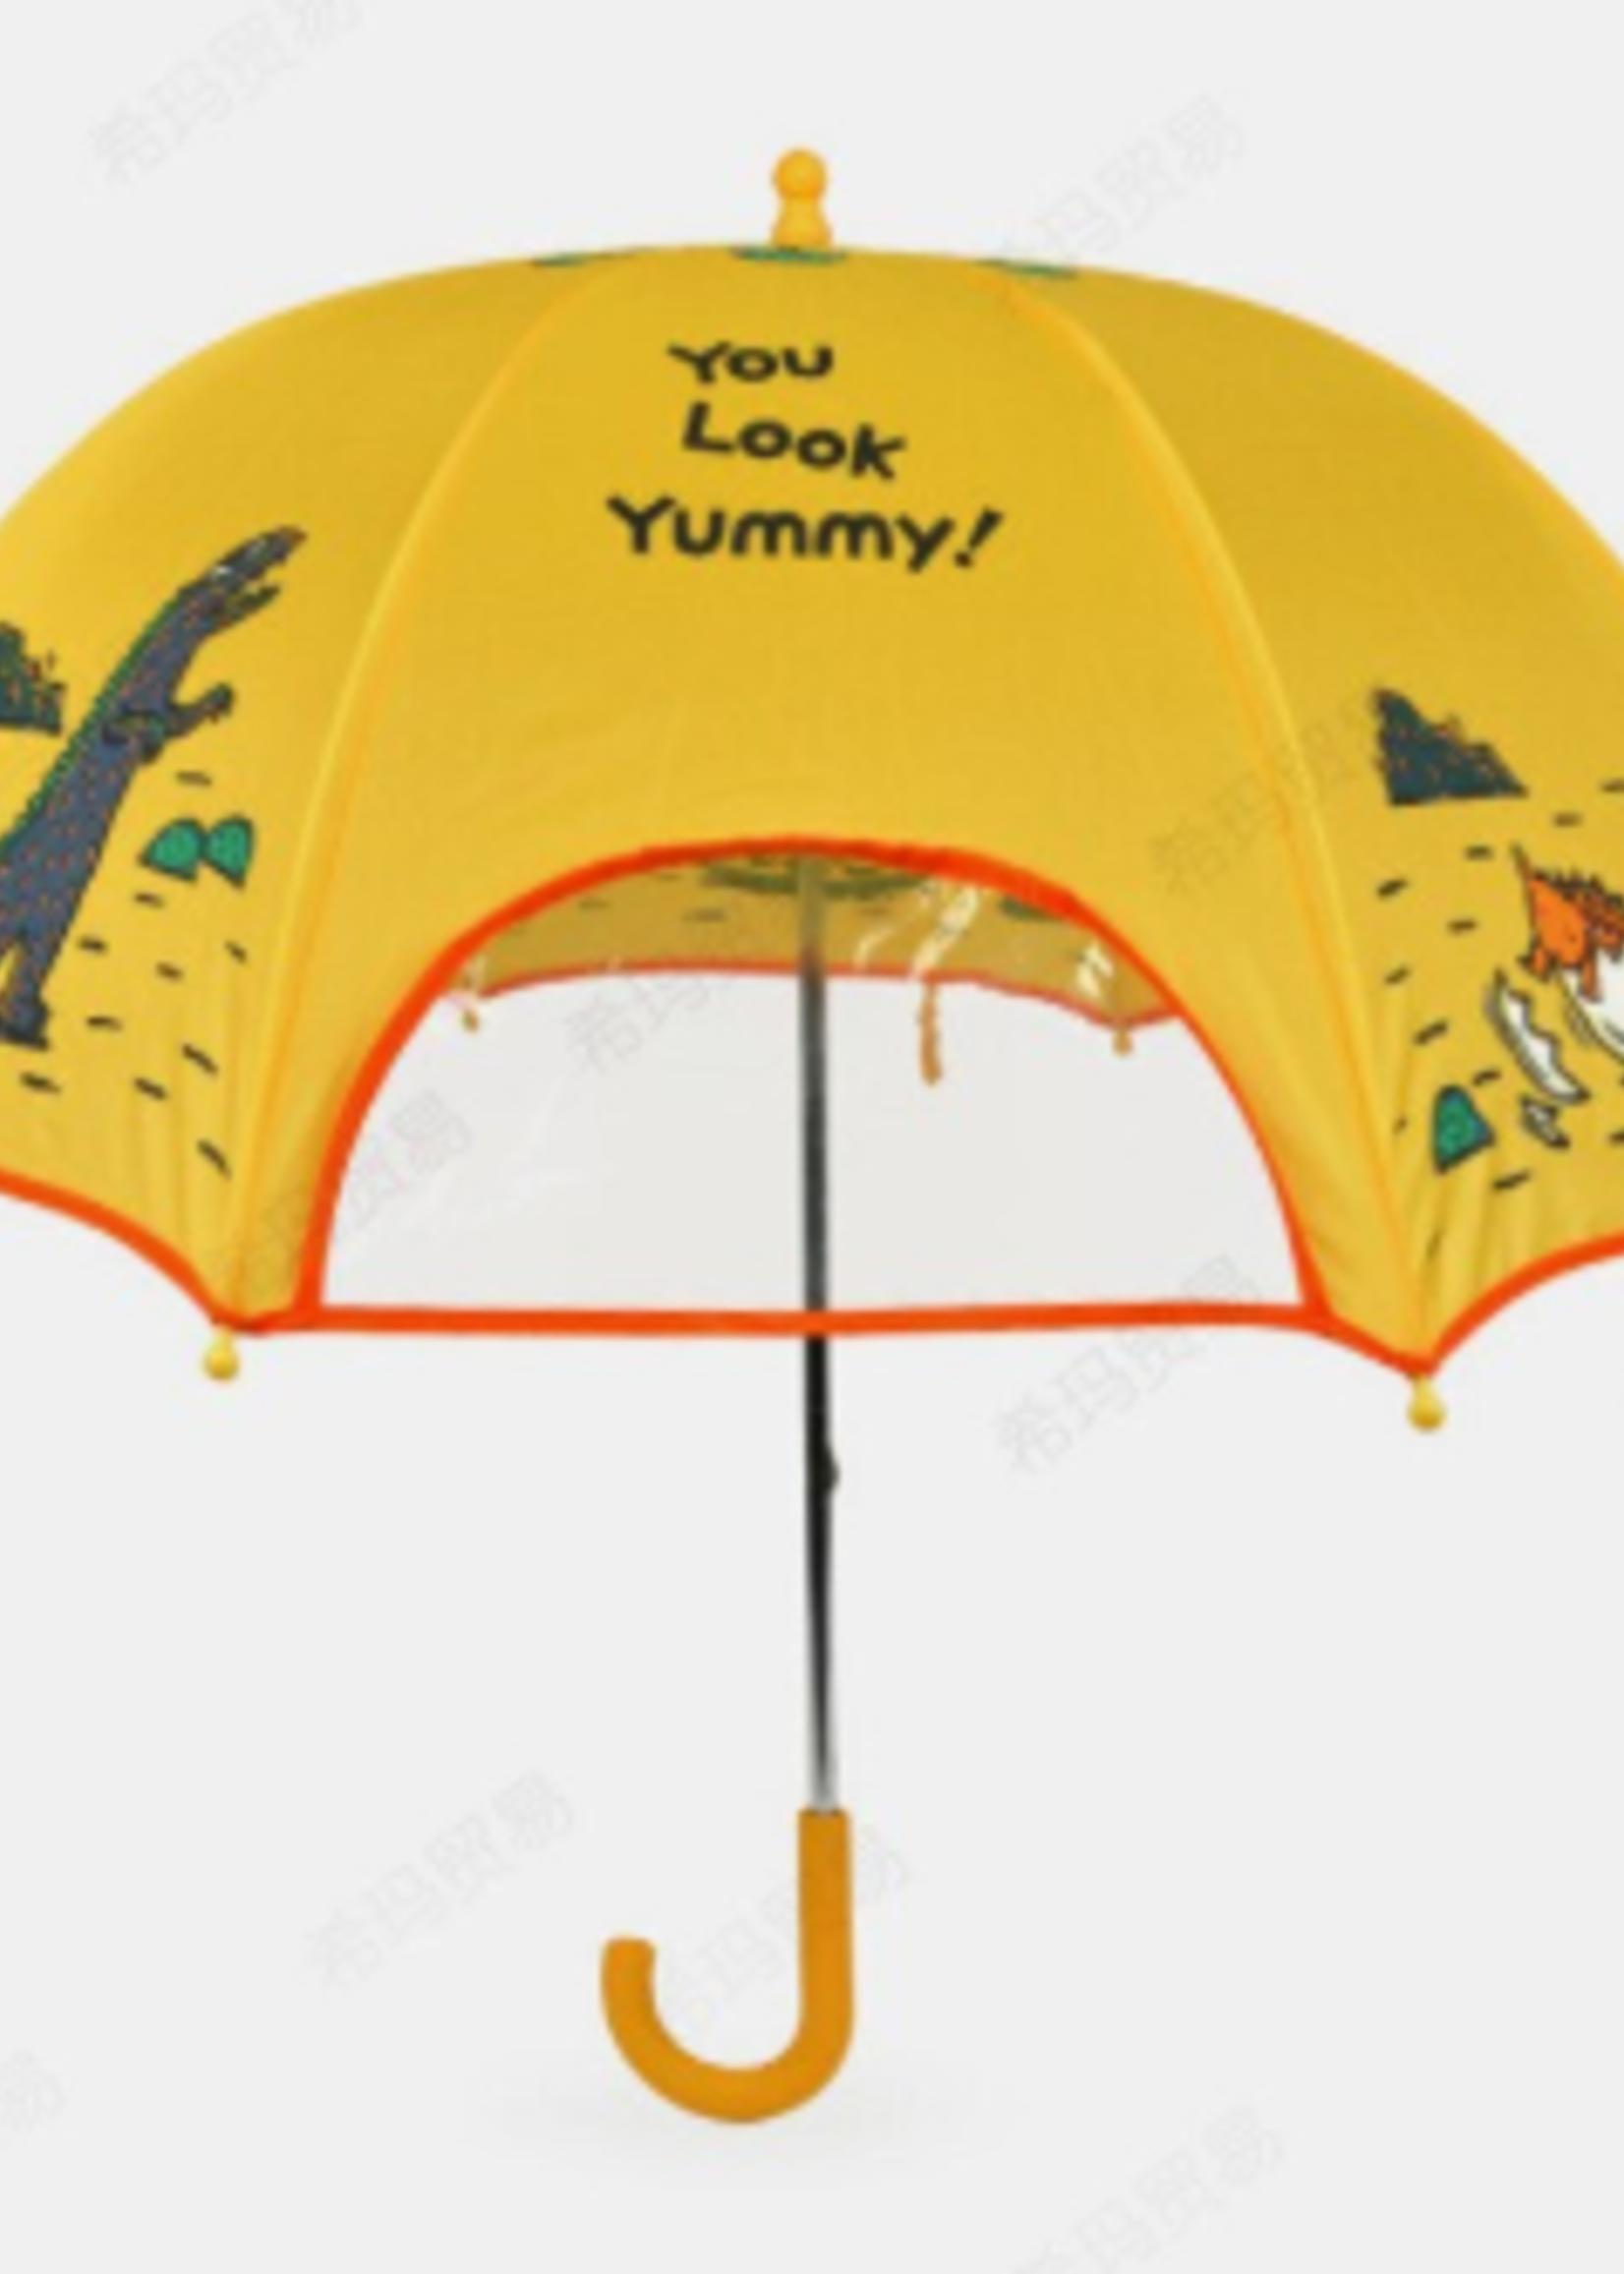 Mideer Mideer-AW20 MD0117 Umbrella - You Look Yummy